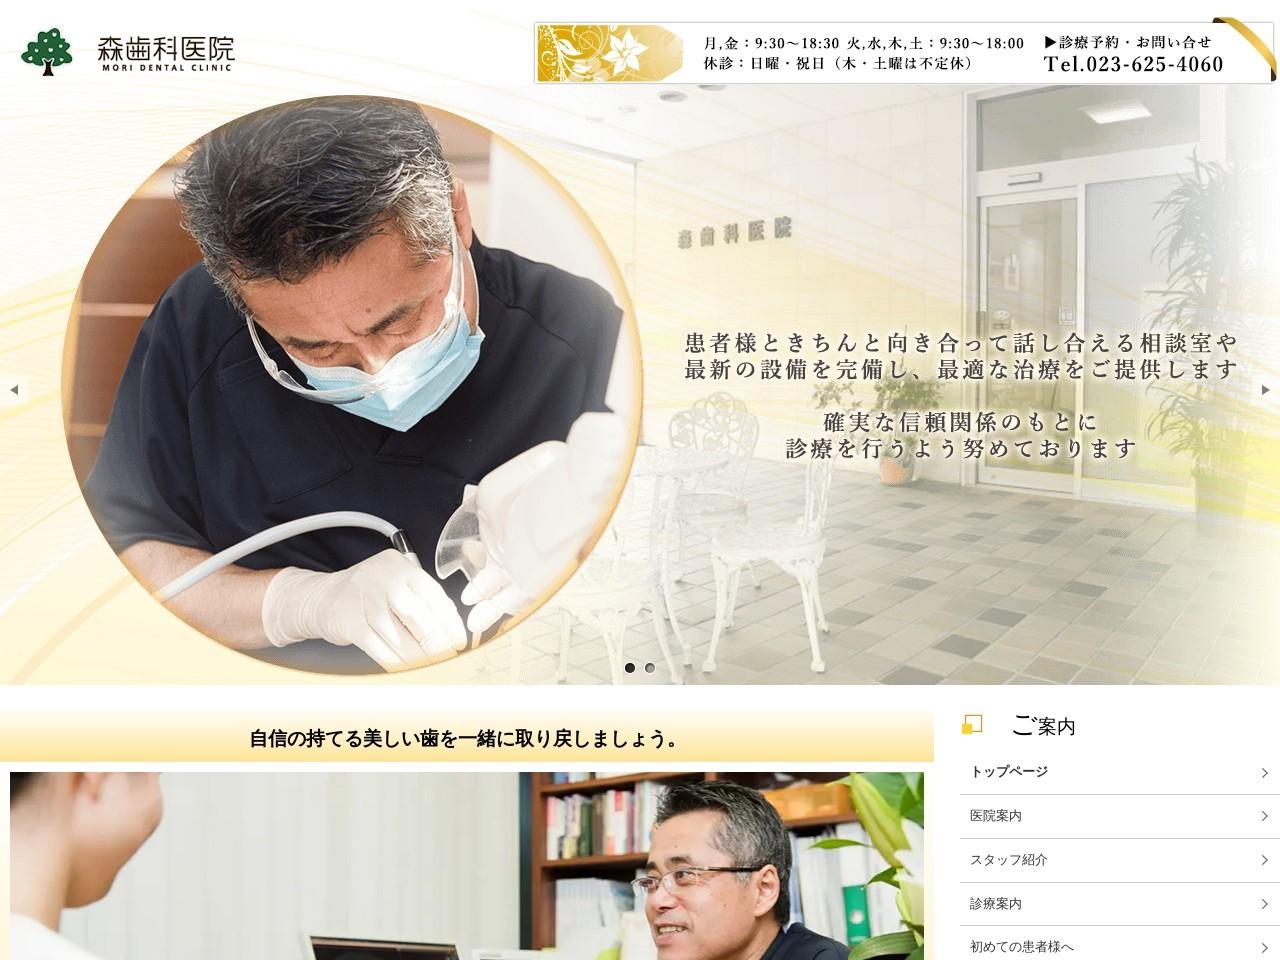 森歯科医院 (山形県山形市)